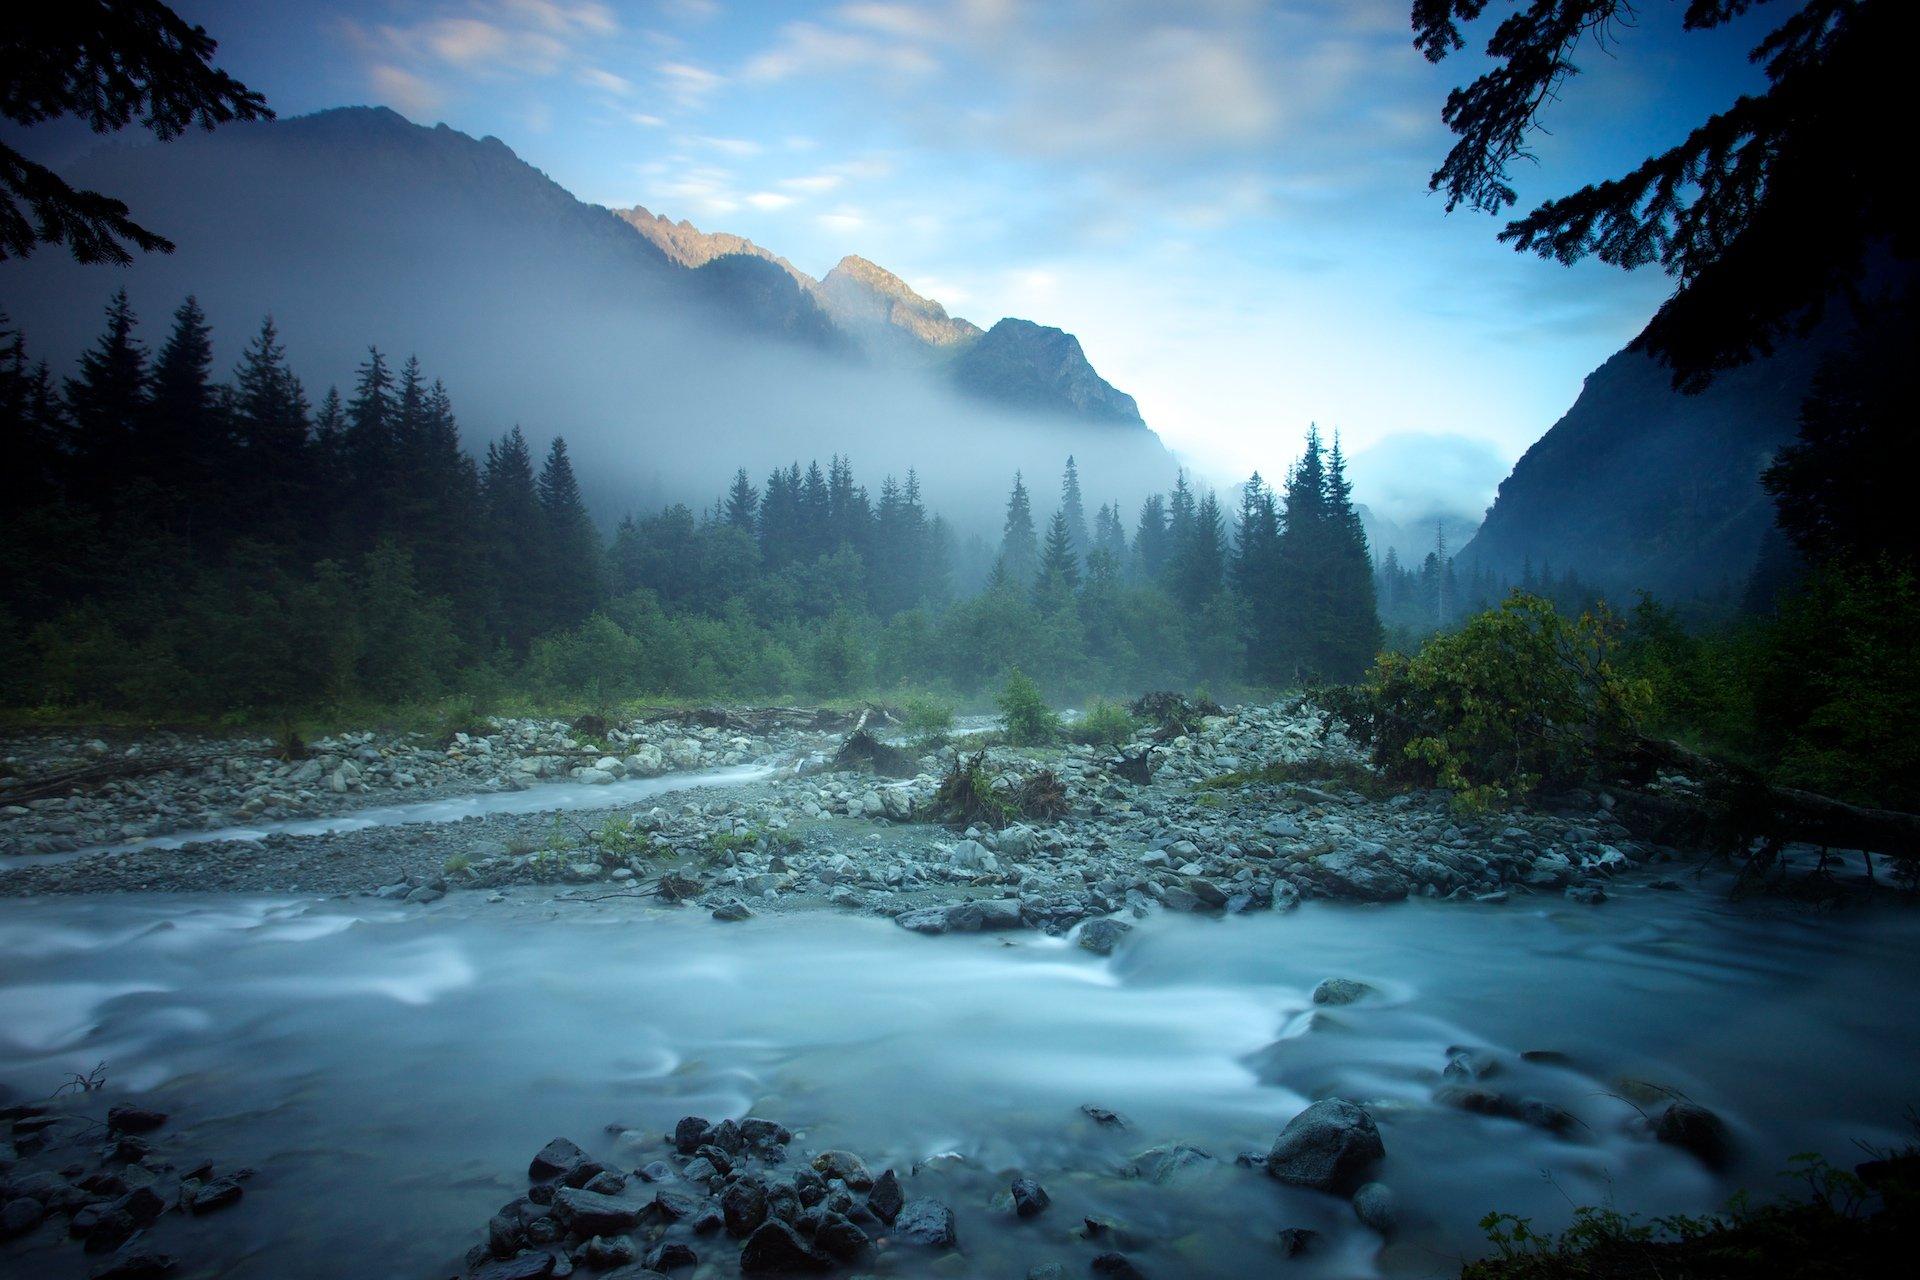 Долина, Закат, Река, Санчара, Северо-западный кавказ, Туман, Никифоров Егор